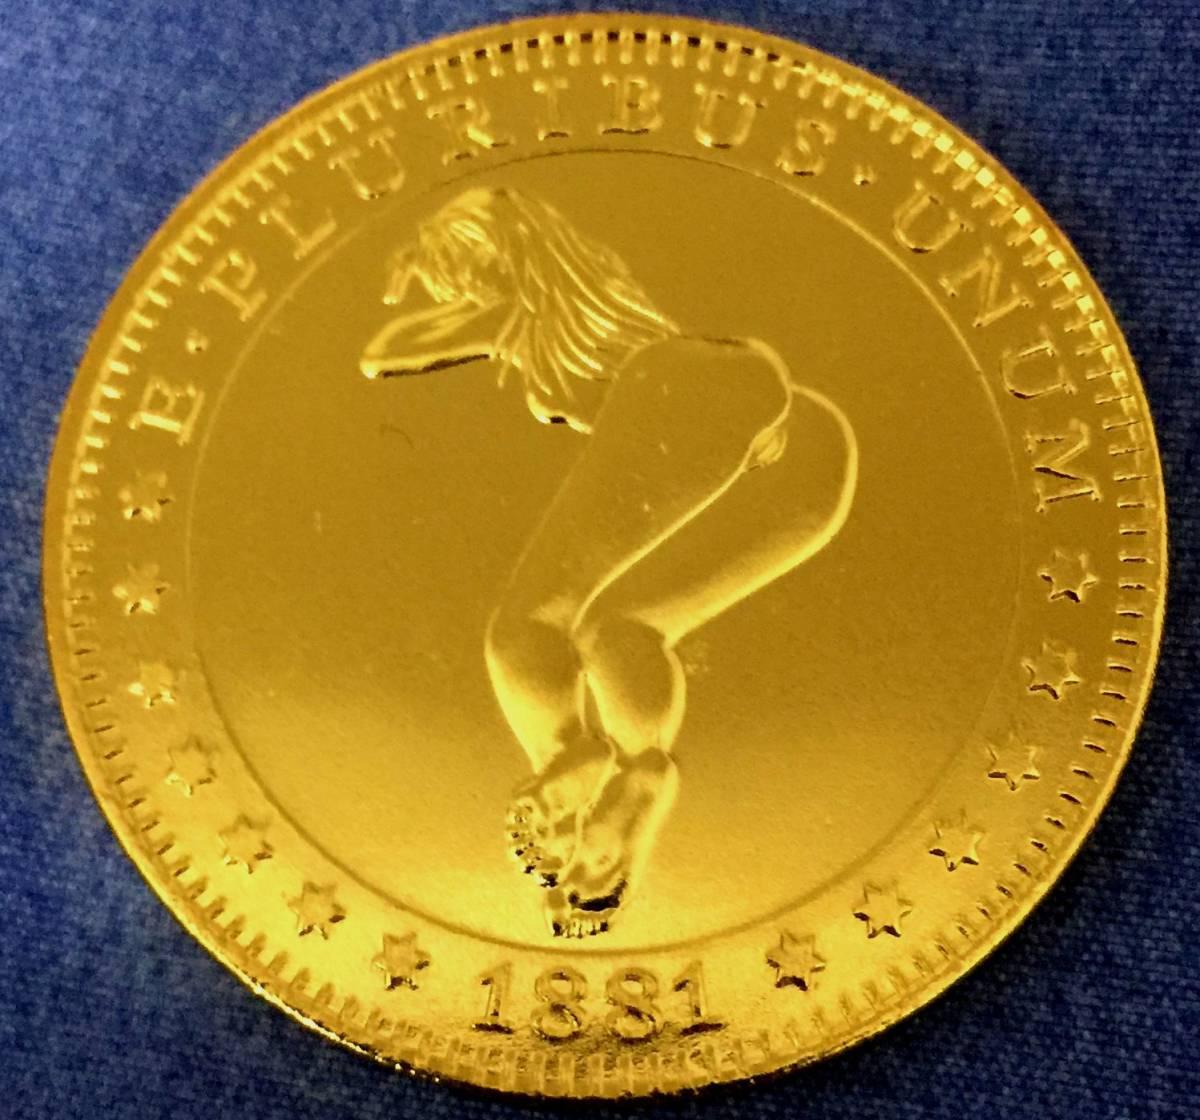 古銭貨幣 極上品 アメリカ ハワイ金貨 稀少 1881年銘 38mm 20.8g